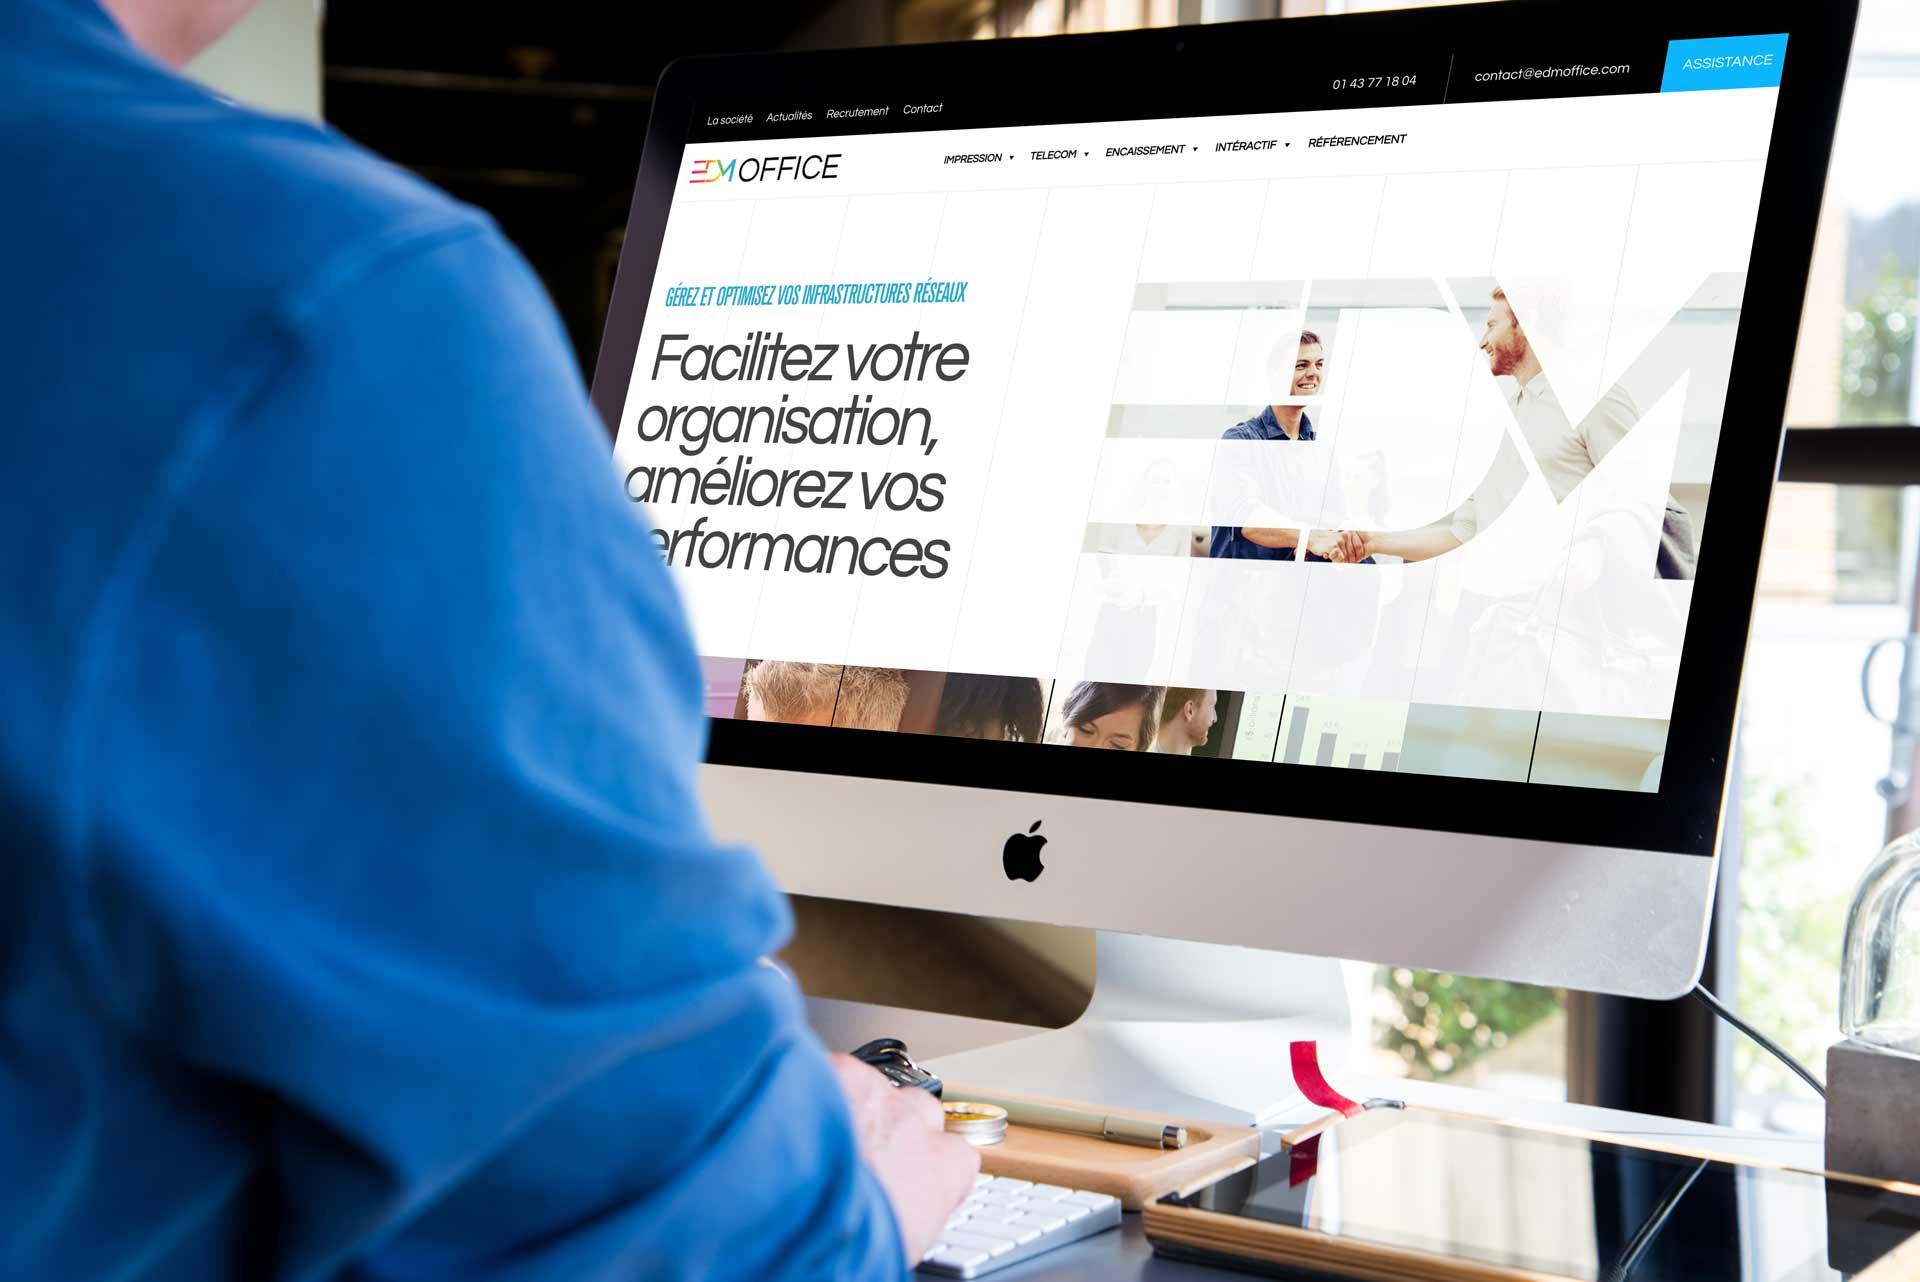 image de mise en situation du site web d'EDM dans un écran d'ordinateur